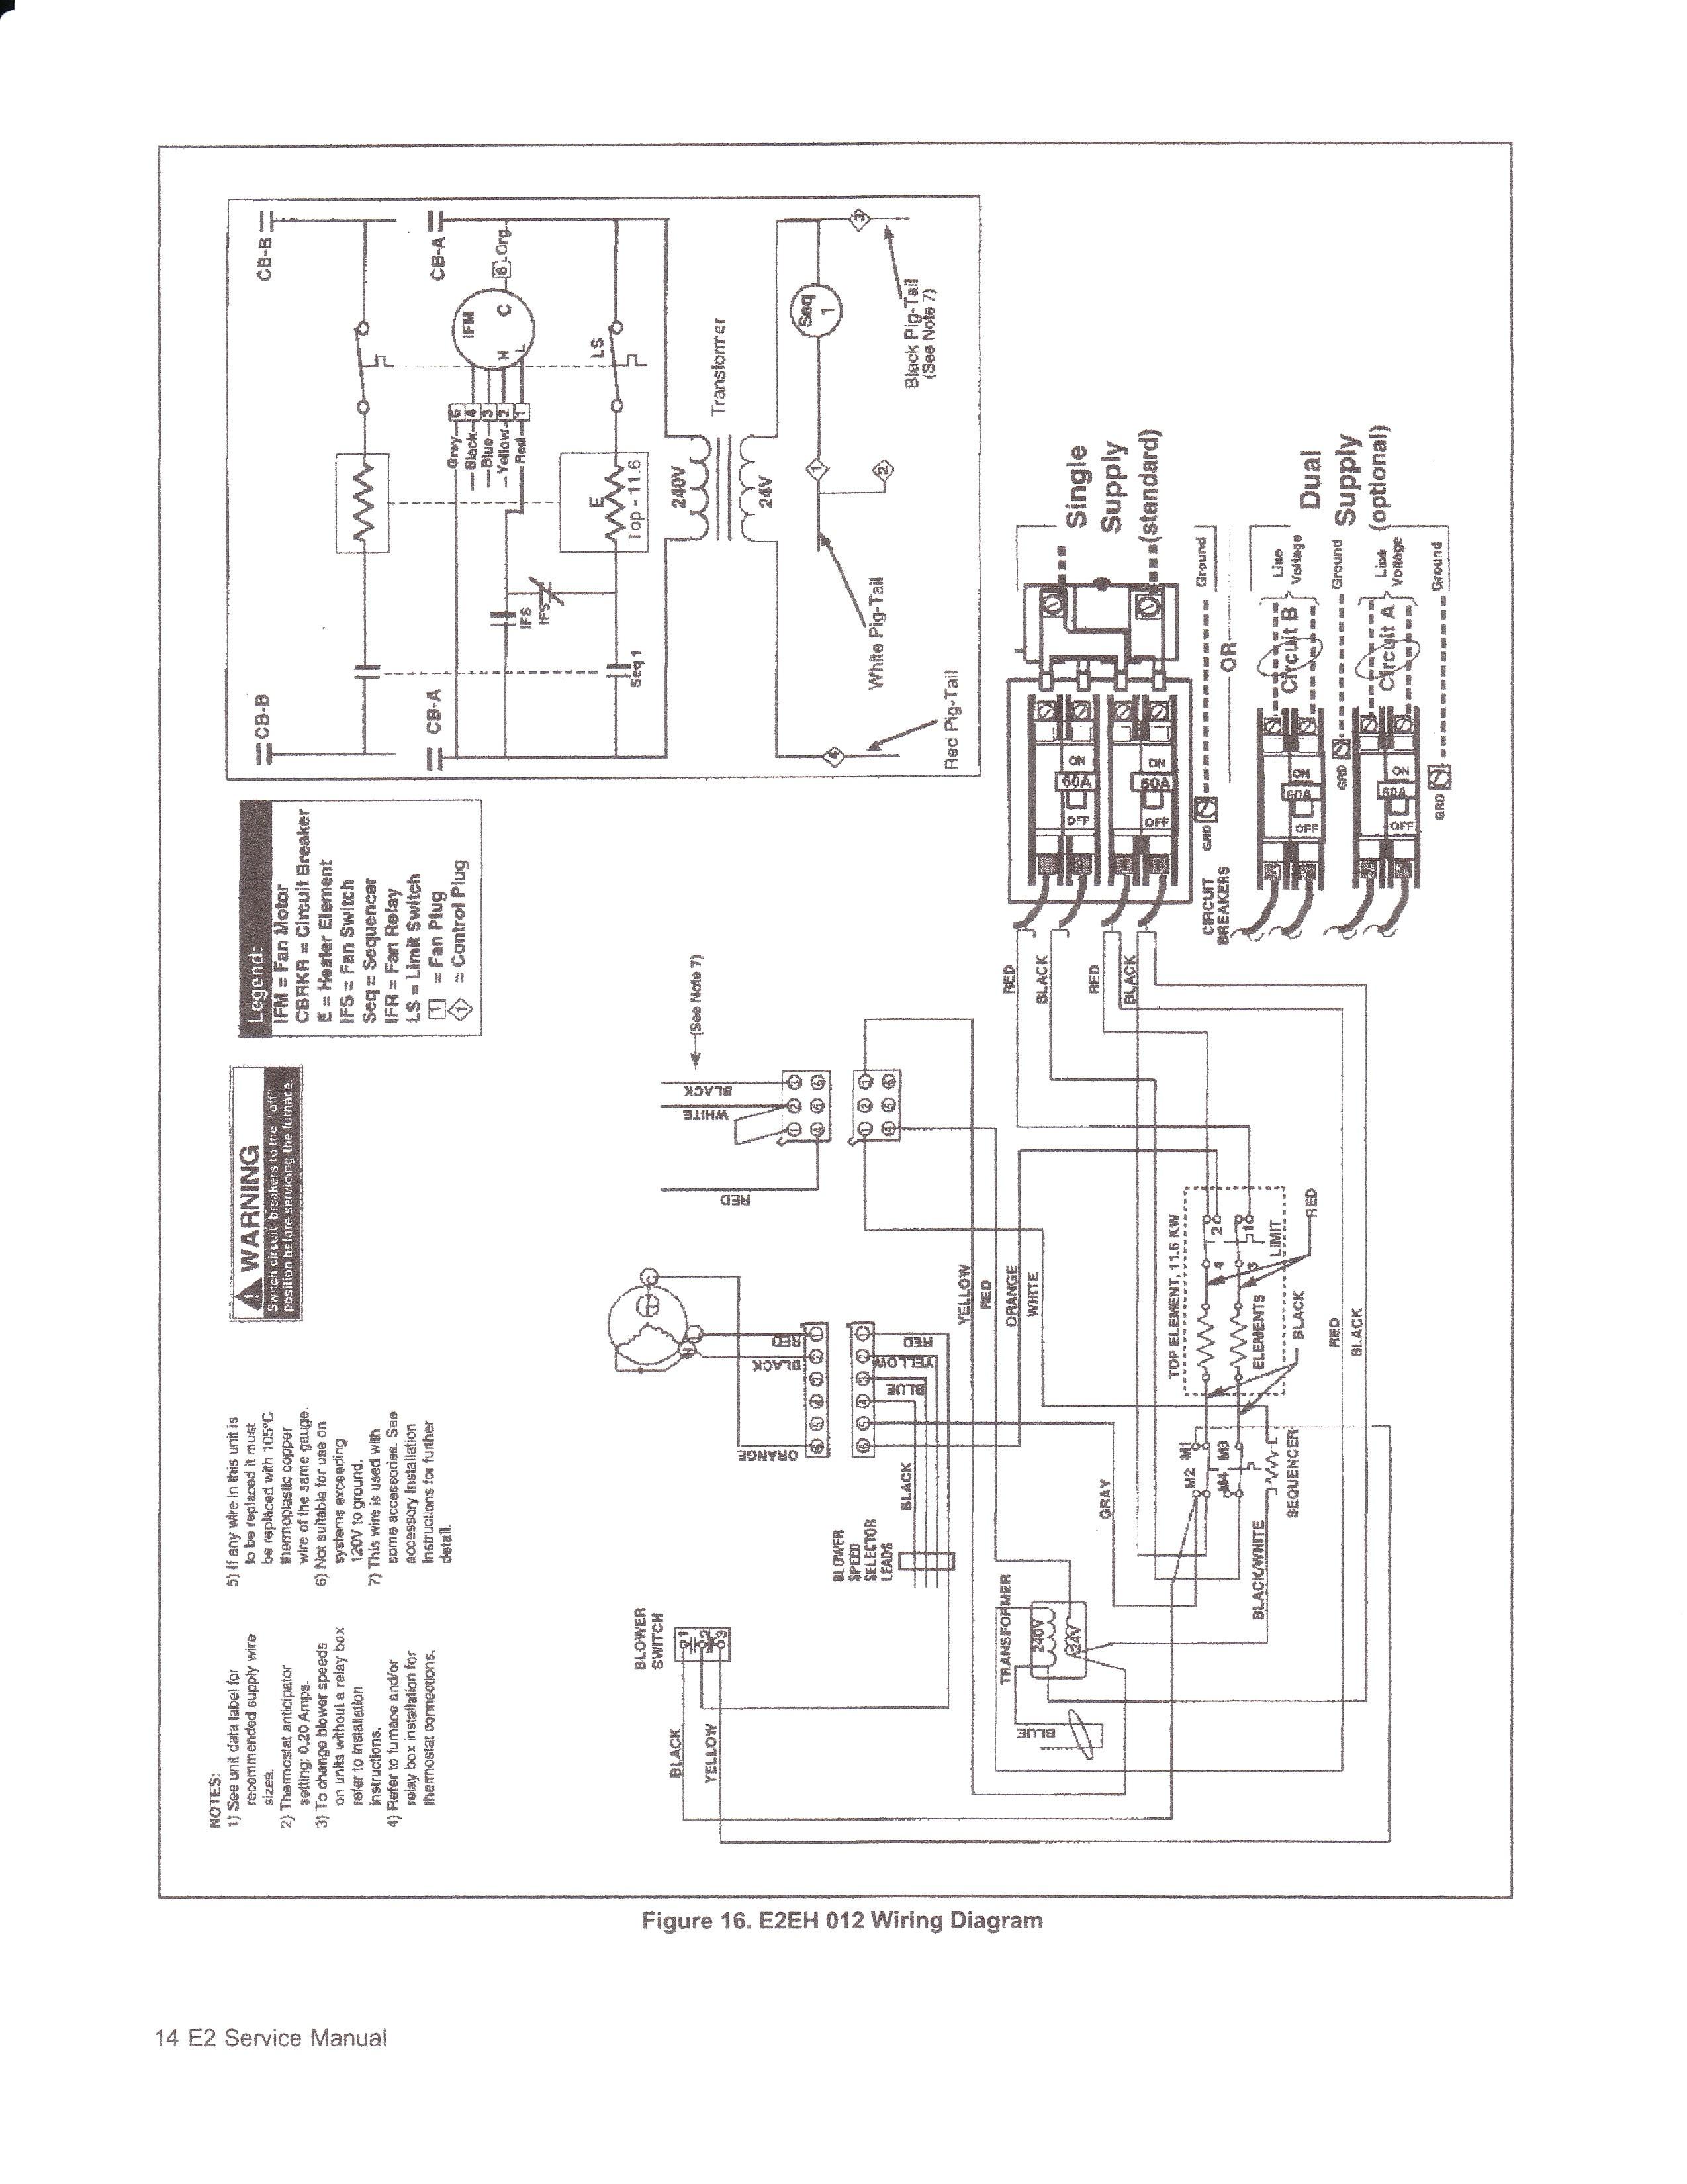 york heat pump electrical schematic